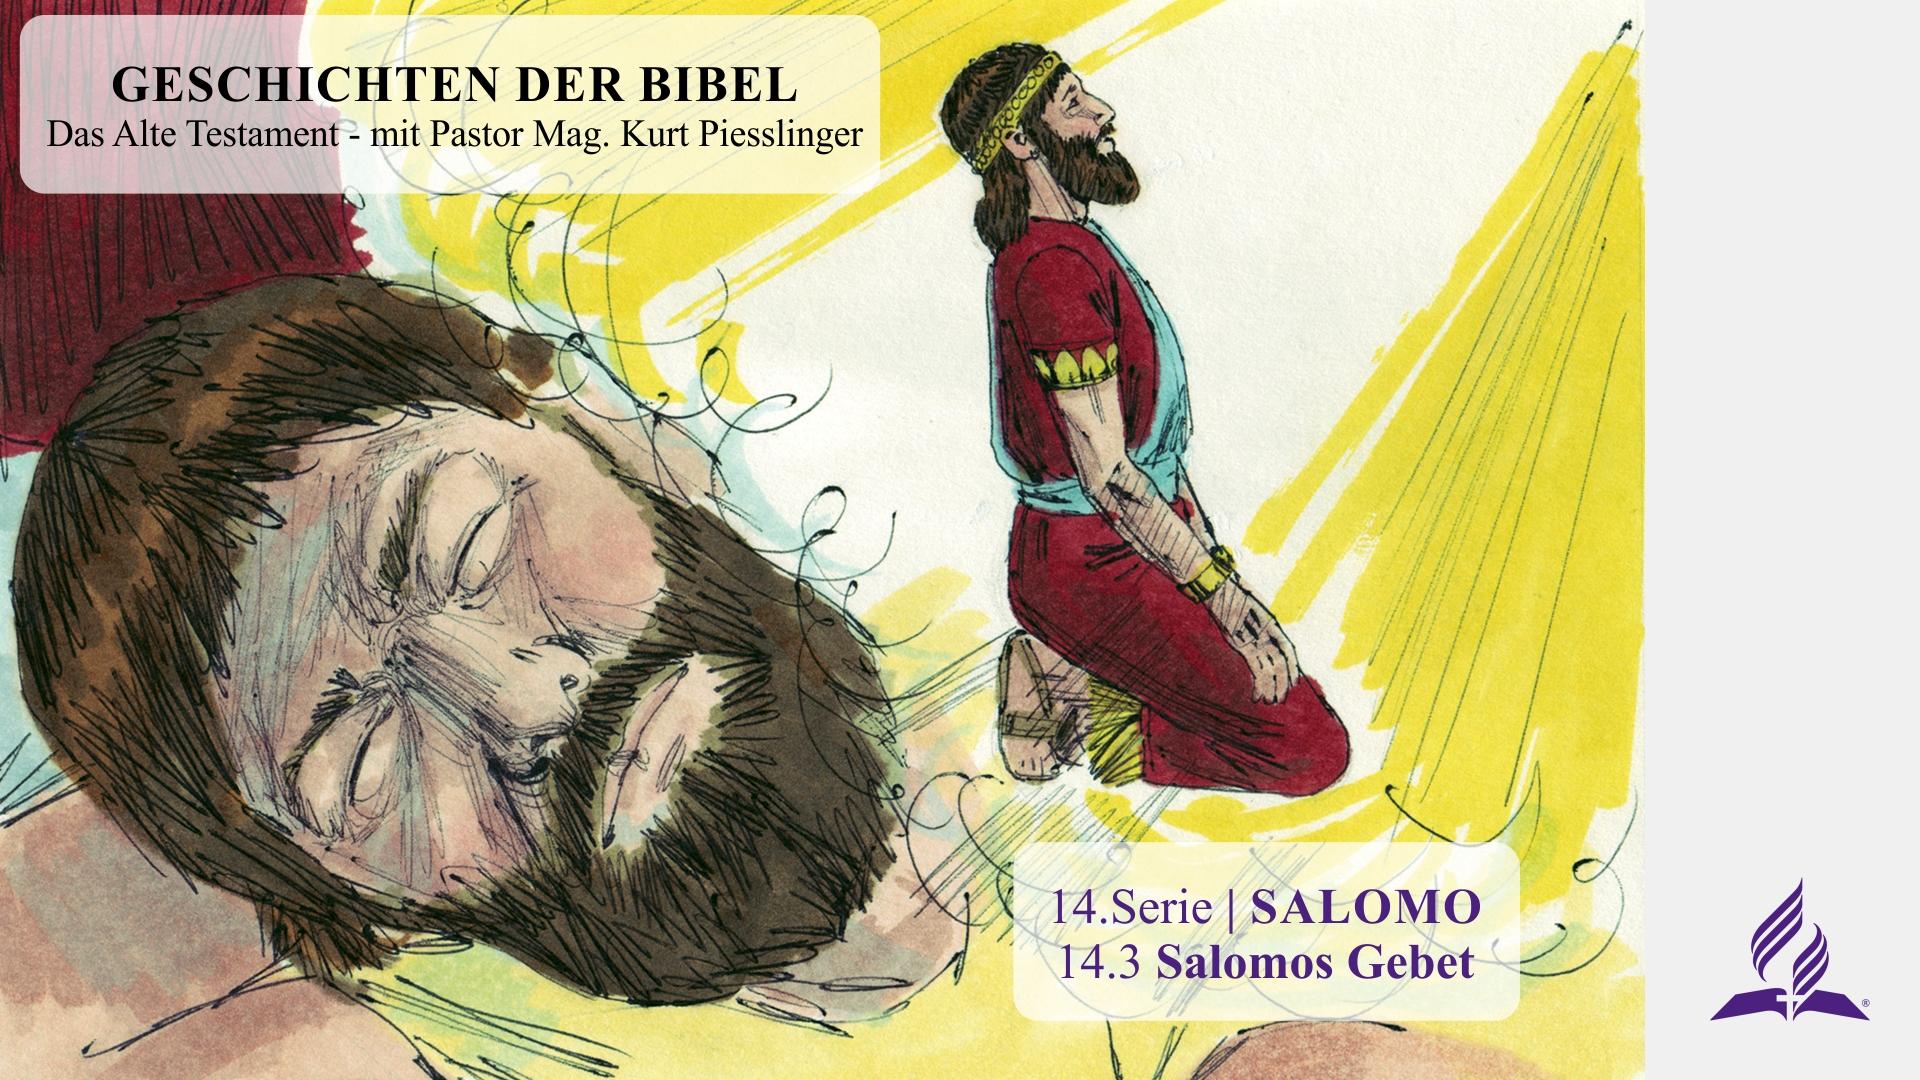 GESCHICHTEN DER BIBEL: 14.3 Salomos Gebet – 14.SALOMO | Pastor Mag. Kurt Piesslinger